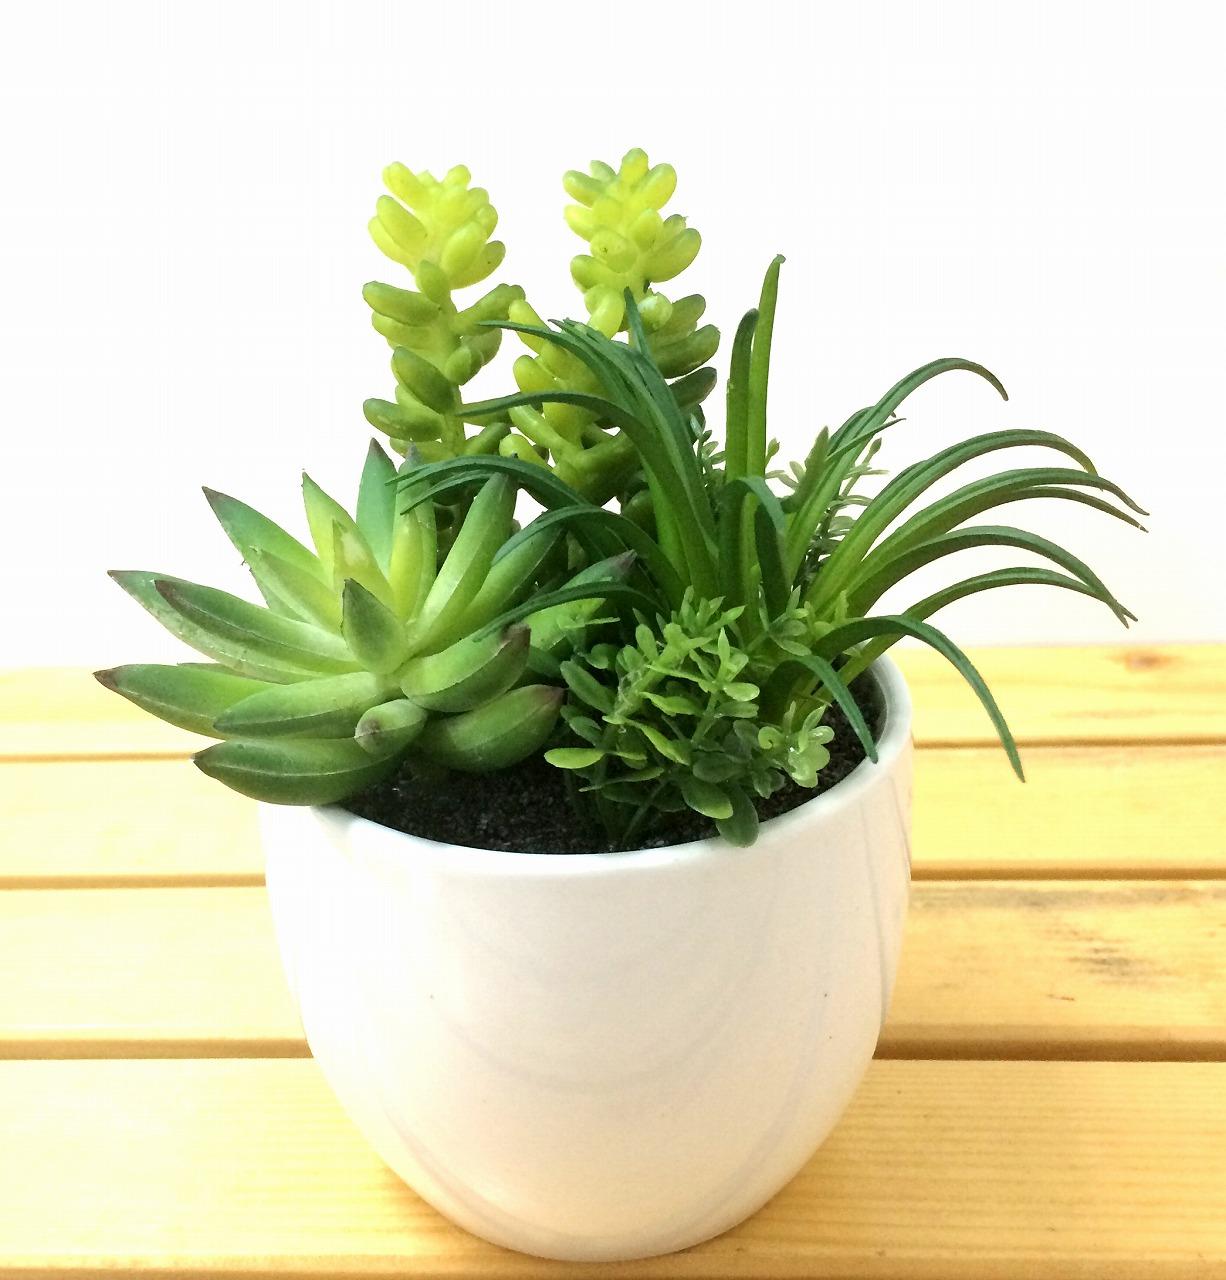 光触媒】サキュレントプランツ 多肉植物【緑】【観葉植物】【インテリア